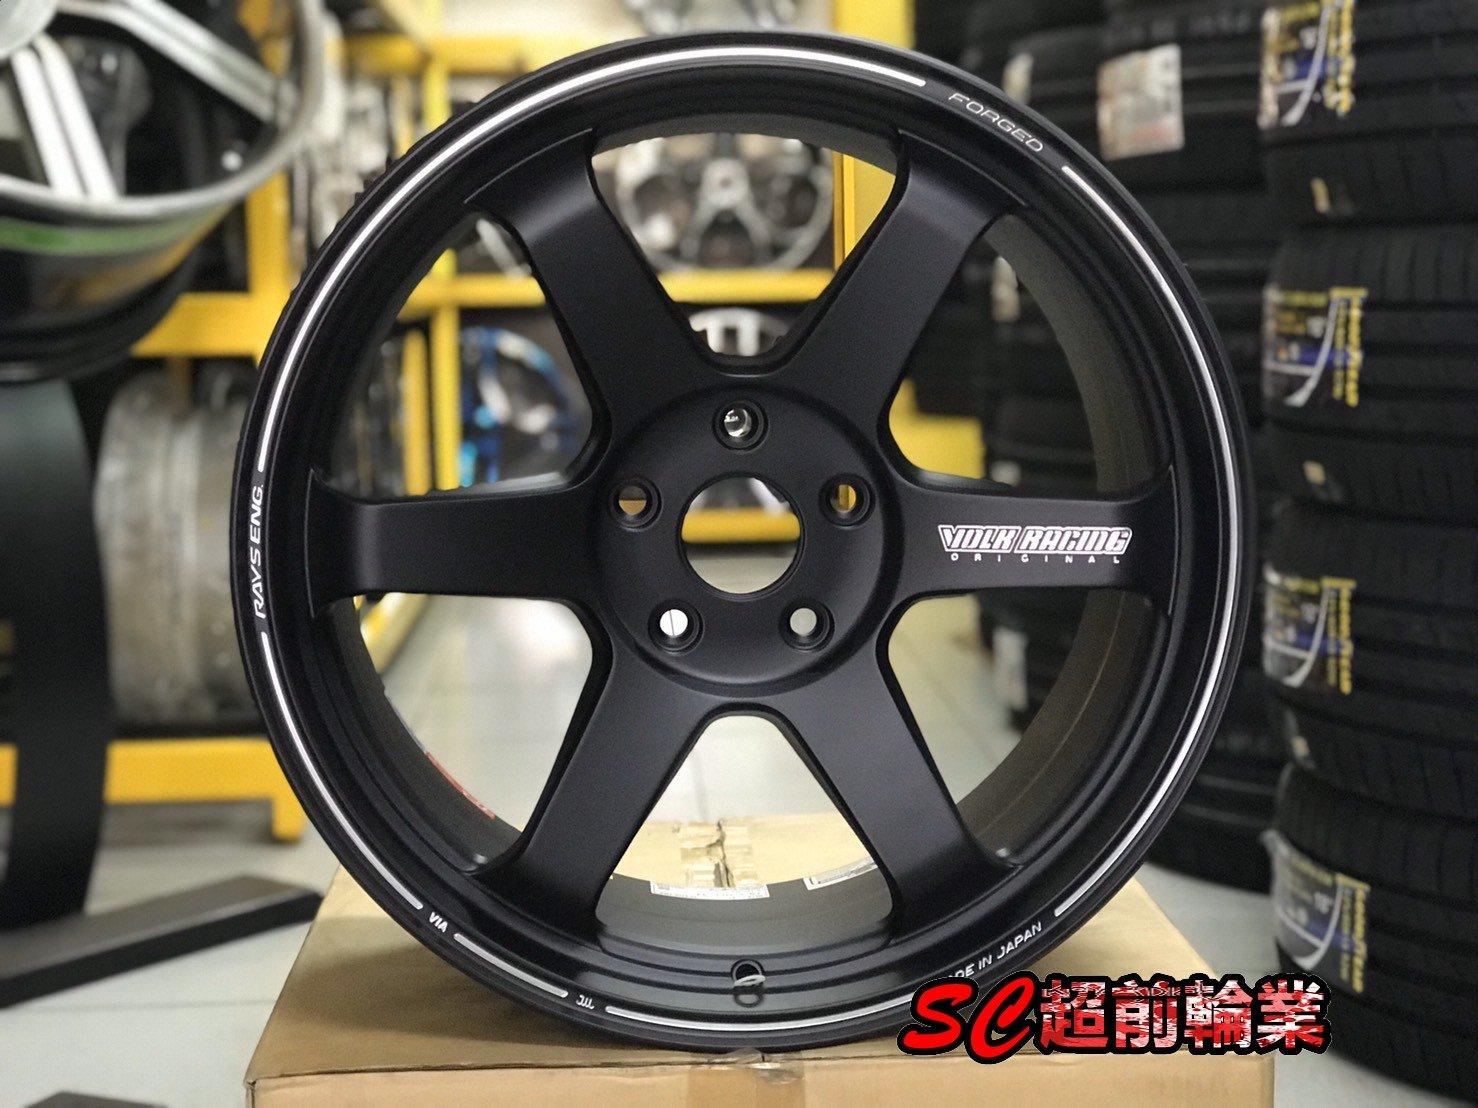 【超前輪業】正品 日本製 RAYS TE37 SL 鍛造 19吋鋁圈 5孔120 5孔112 5孔114 前後配 消光黑